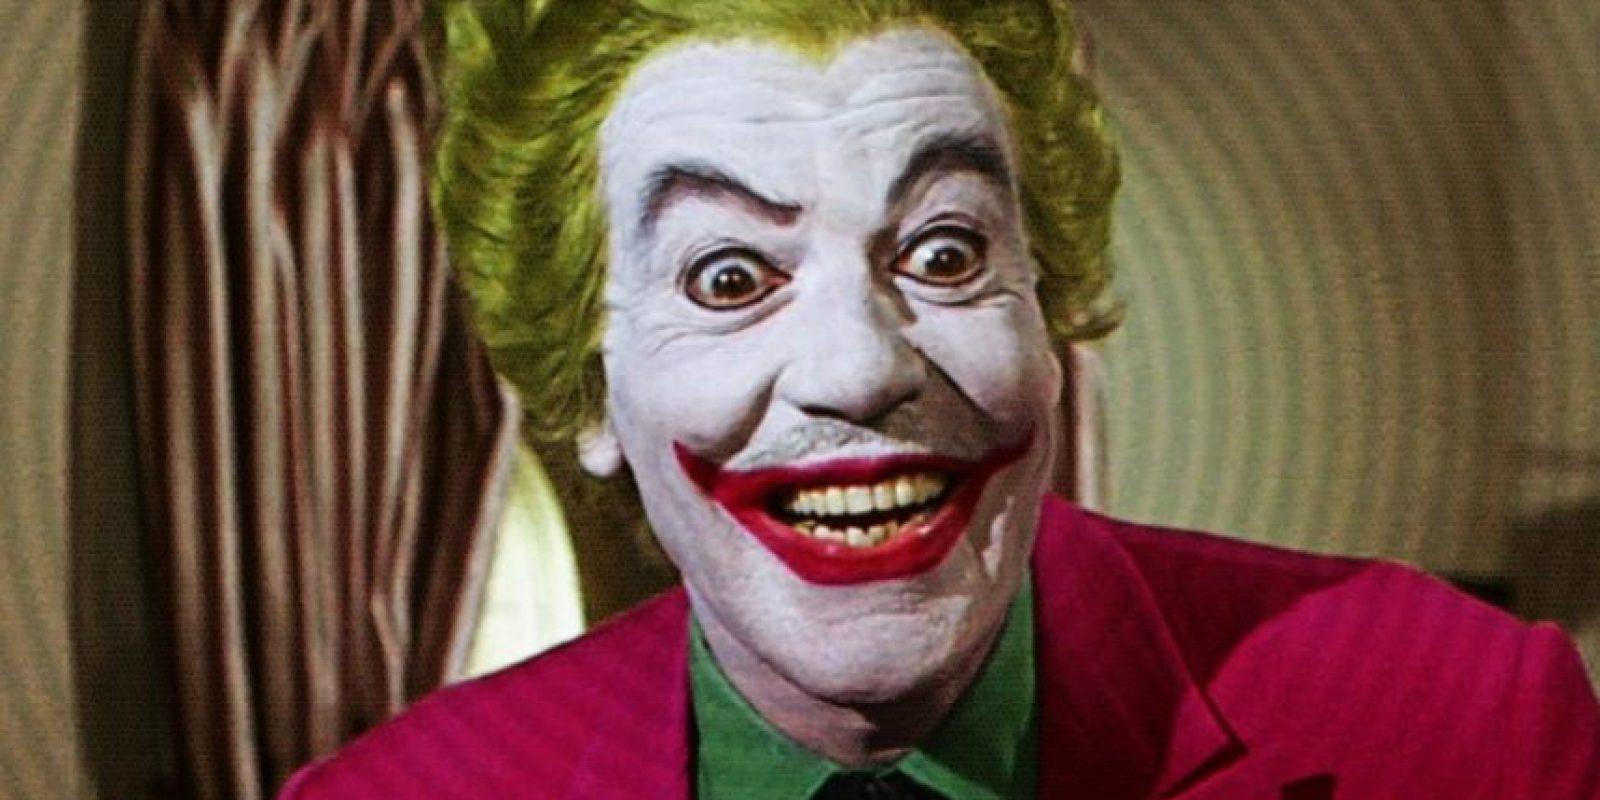 La primera aparición del personaje en la TV fue en 1966. Este fue interpretado por César Romero. Foto:Twentieth Century Fox Television